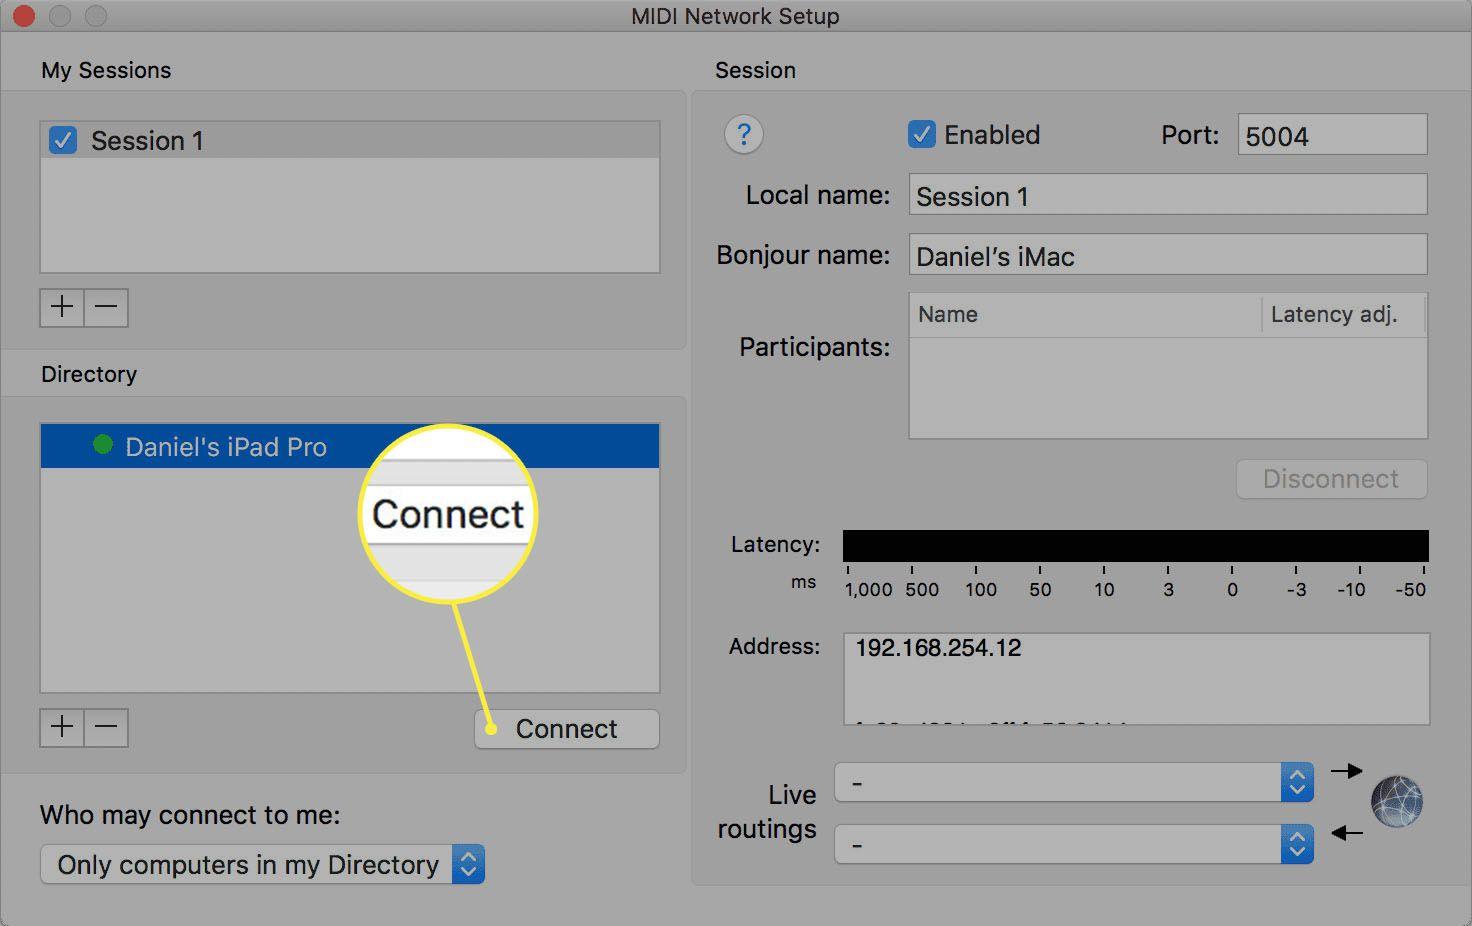 The MIDI network setup screen on the Mac